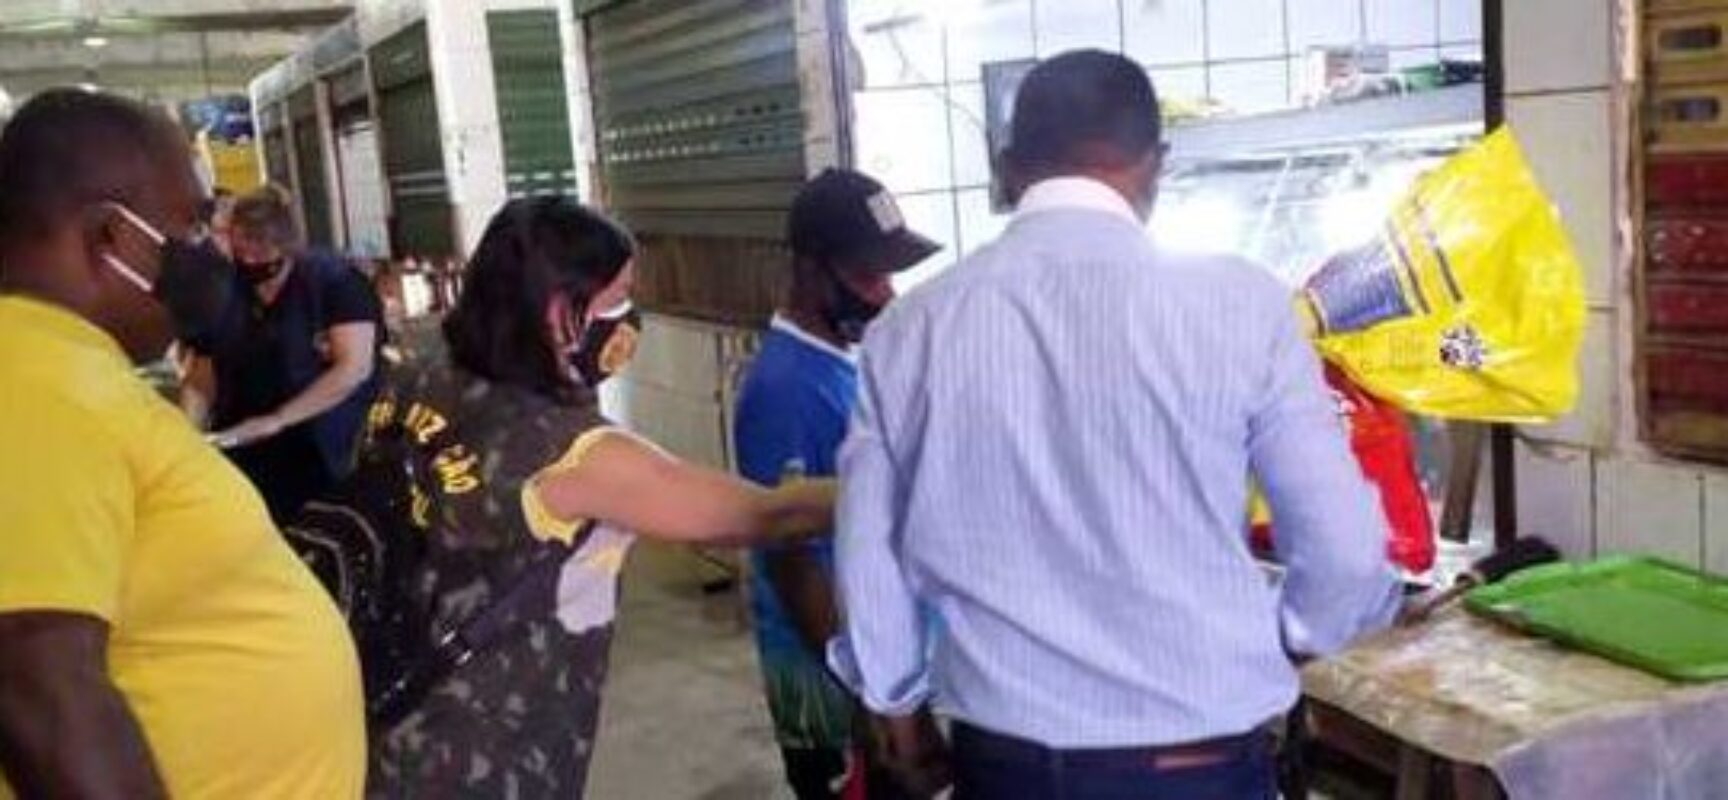 Prefeitura de Ilhéus interdita boxe da Central de Abastecimento do Malhado por condições insalubres